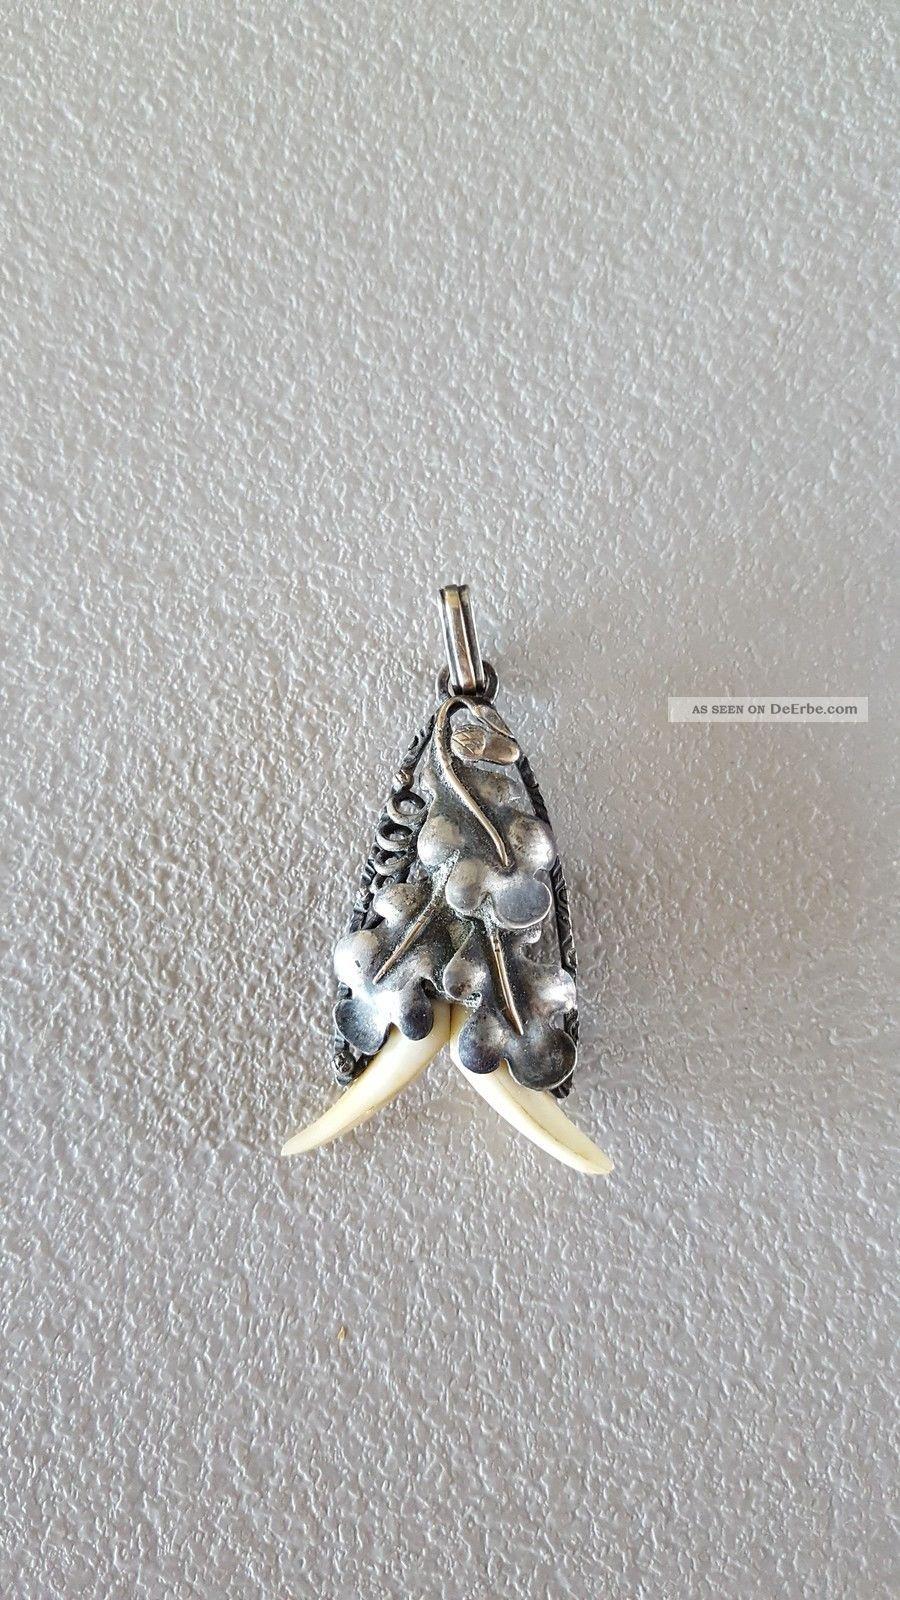 Anhänger Zahn Jagdschmuck Muster Auffällig Mittelalter Trachten 4,  90 G Cp2150 Beinarbeiten Bild